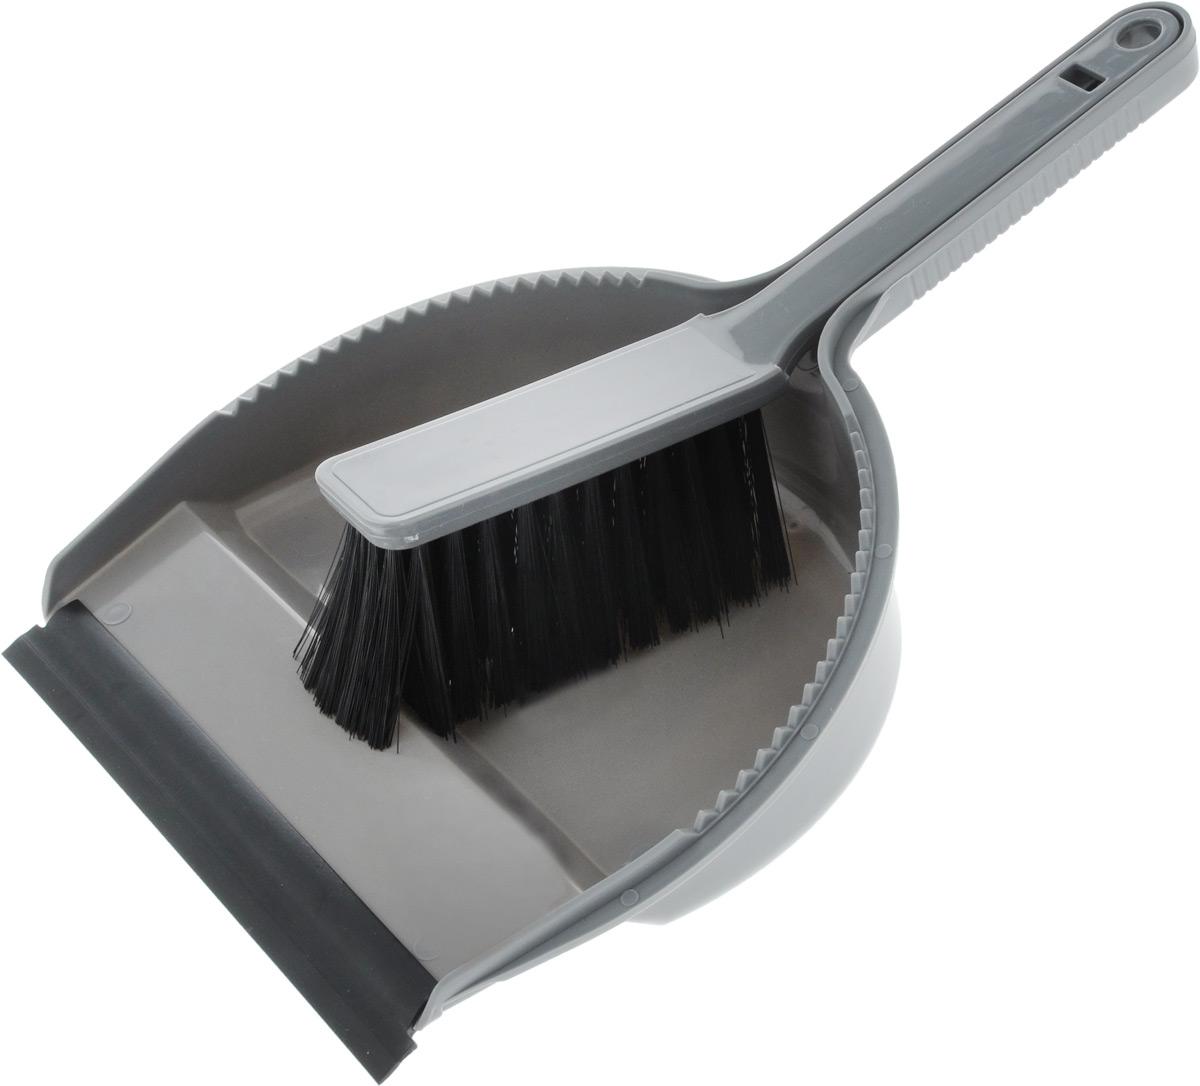 Набор для уборки Svip Лаура, с кромкой, цвет: серебряный, 2 предметаDW90Набор для уборки Svip Клио, состоит из щетки-сметки и совка, выполненных из полипропилена.Он станет незаменимым помощником в деле удаления пыли и мусора с различных поверхностей.Ворс щетки достаточно длинный, что позволяет собирать даже крупный мусор.Края совка оснащены зубчиками для чистки щетки после ее использования. Совок имеет резиновую кромку,благодаря которой удобнее собирать мусор. Ручка совка позволяет прикреплять его к рукоятке щетки. На рукояти изделий имеется специальное отверстие для подвешивания. Длина щетки-сметки: 25,2 см. Длина ворса: 5,5 см. Размер рабочей поверхности совка: 18,5 х 19 см.Размер совка (с учетом ручки): 33 х 19 х 6 см.